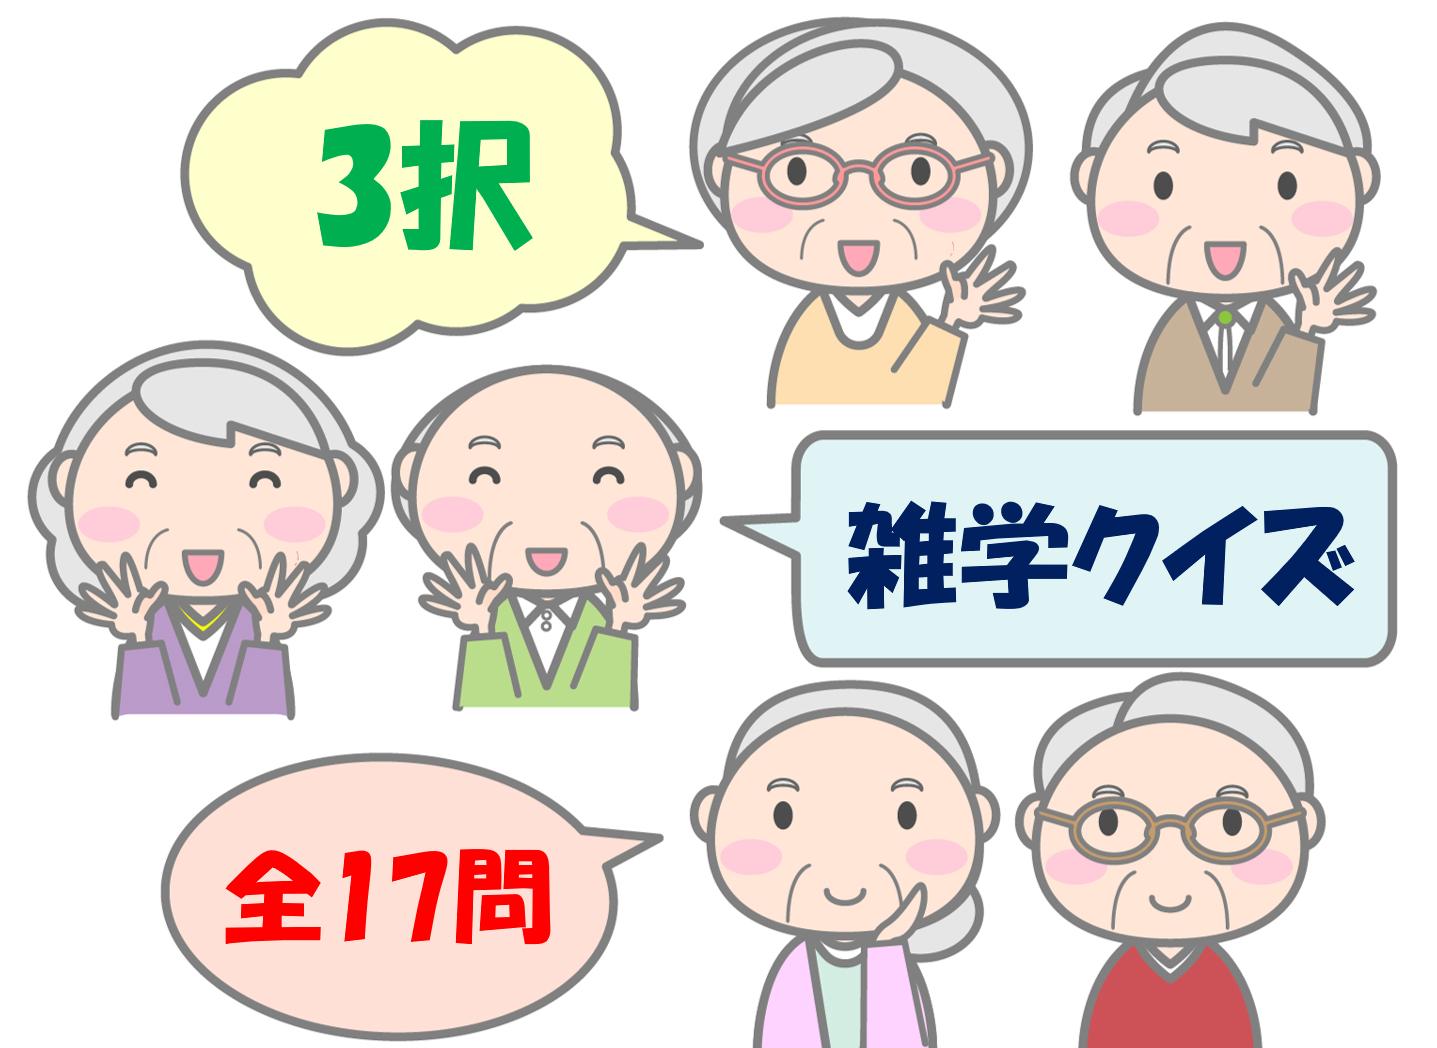 【高齢者向け雑学クイズ】どれが答え!?簡単3択問題で脳トレ!